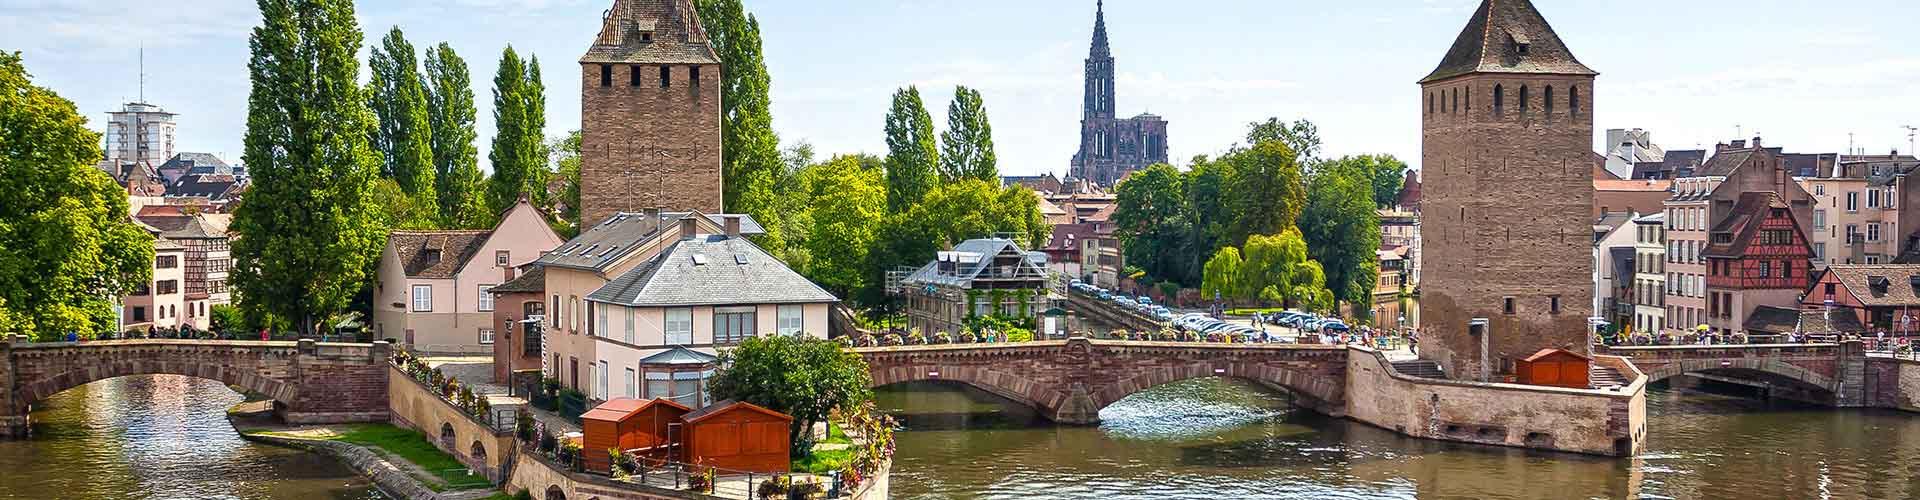 Estrasburgo - Habitaciones en el distrito Barrio de la estación del tren. Mapas de Estrasburgo, Fotos y comentarios de cada Habitación en Estrasburgo.